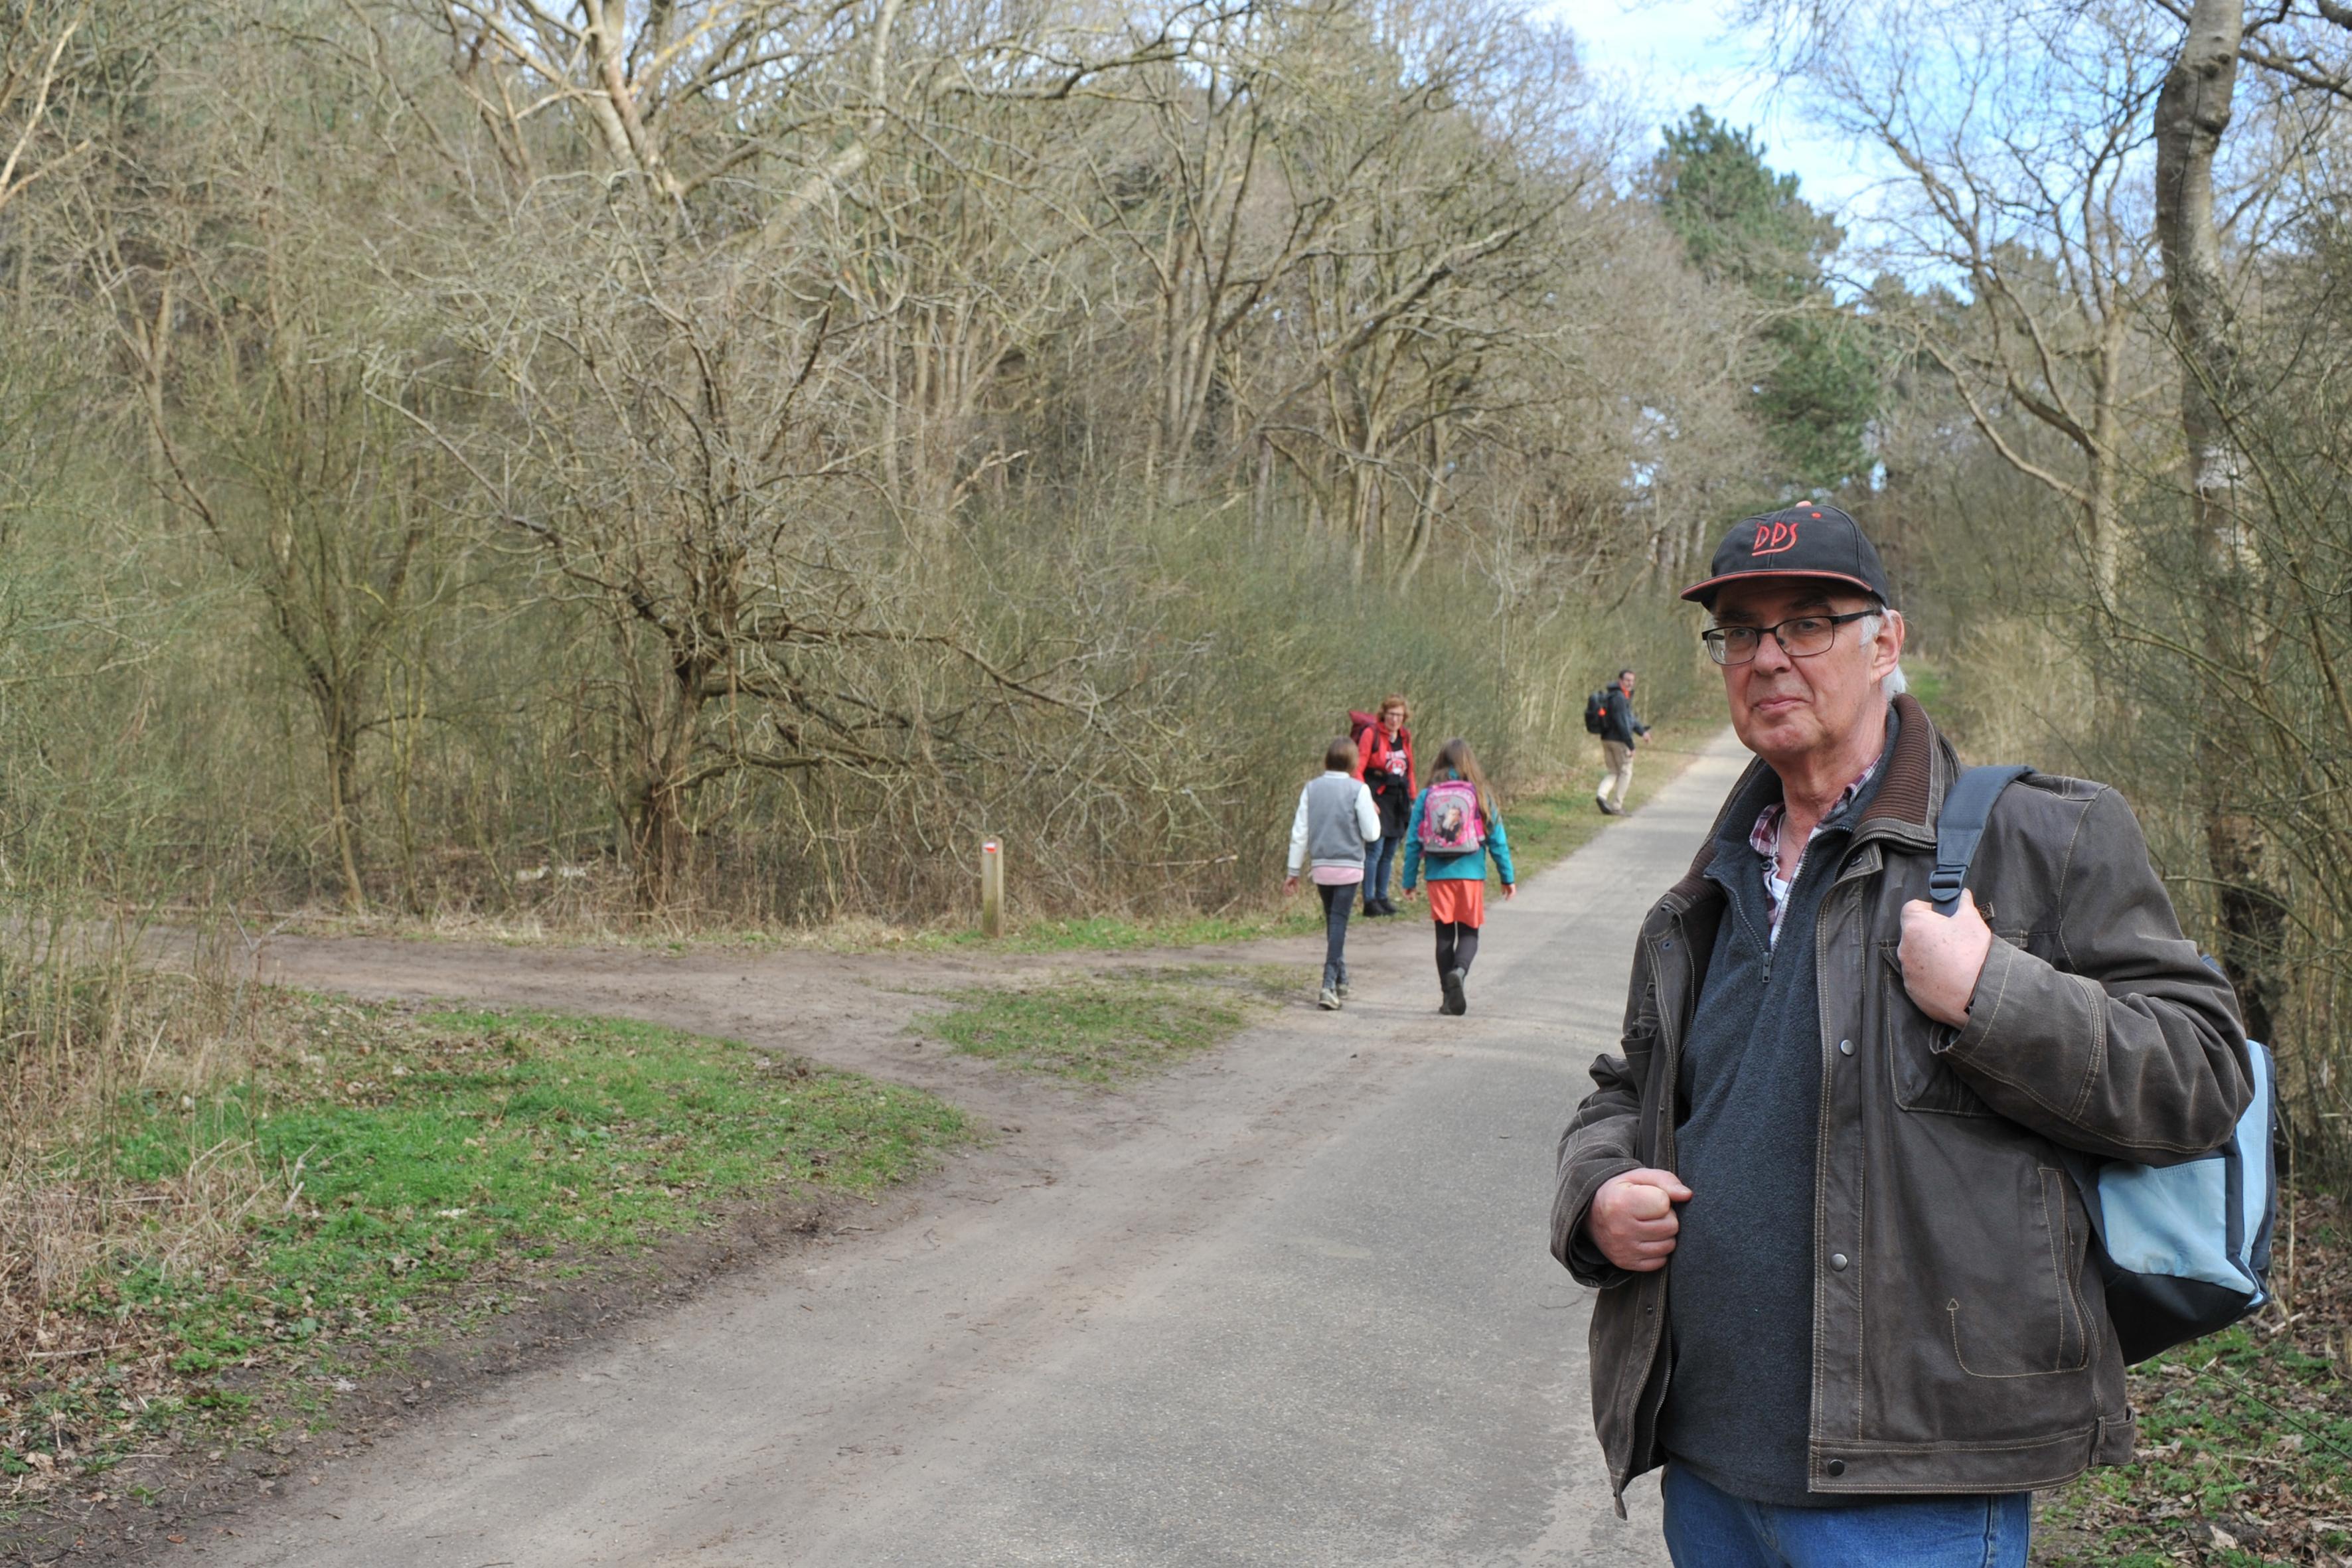 Jan Butter koestert liefde voor de duinen van Heemskerk. Hij schreef er een boek over. Vol feitjes: van de jachtpartij van Prins Bernhard tot de ware hoogte van de Kruisberg